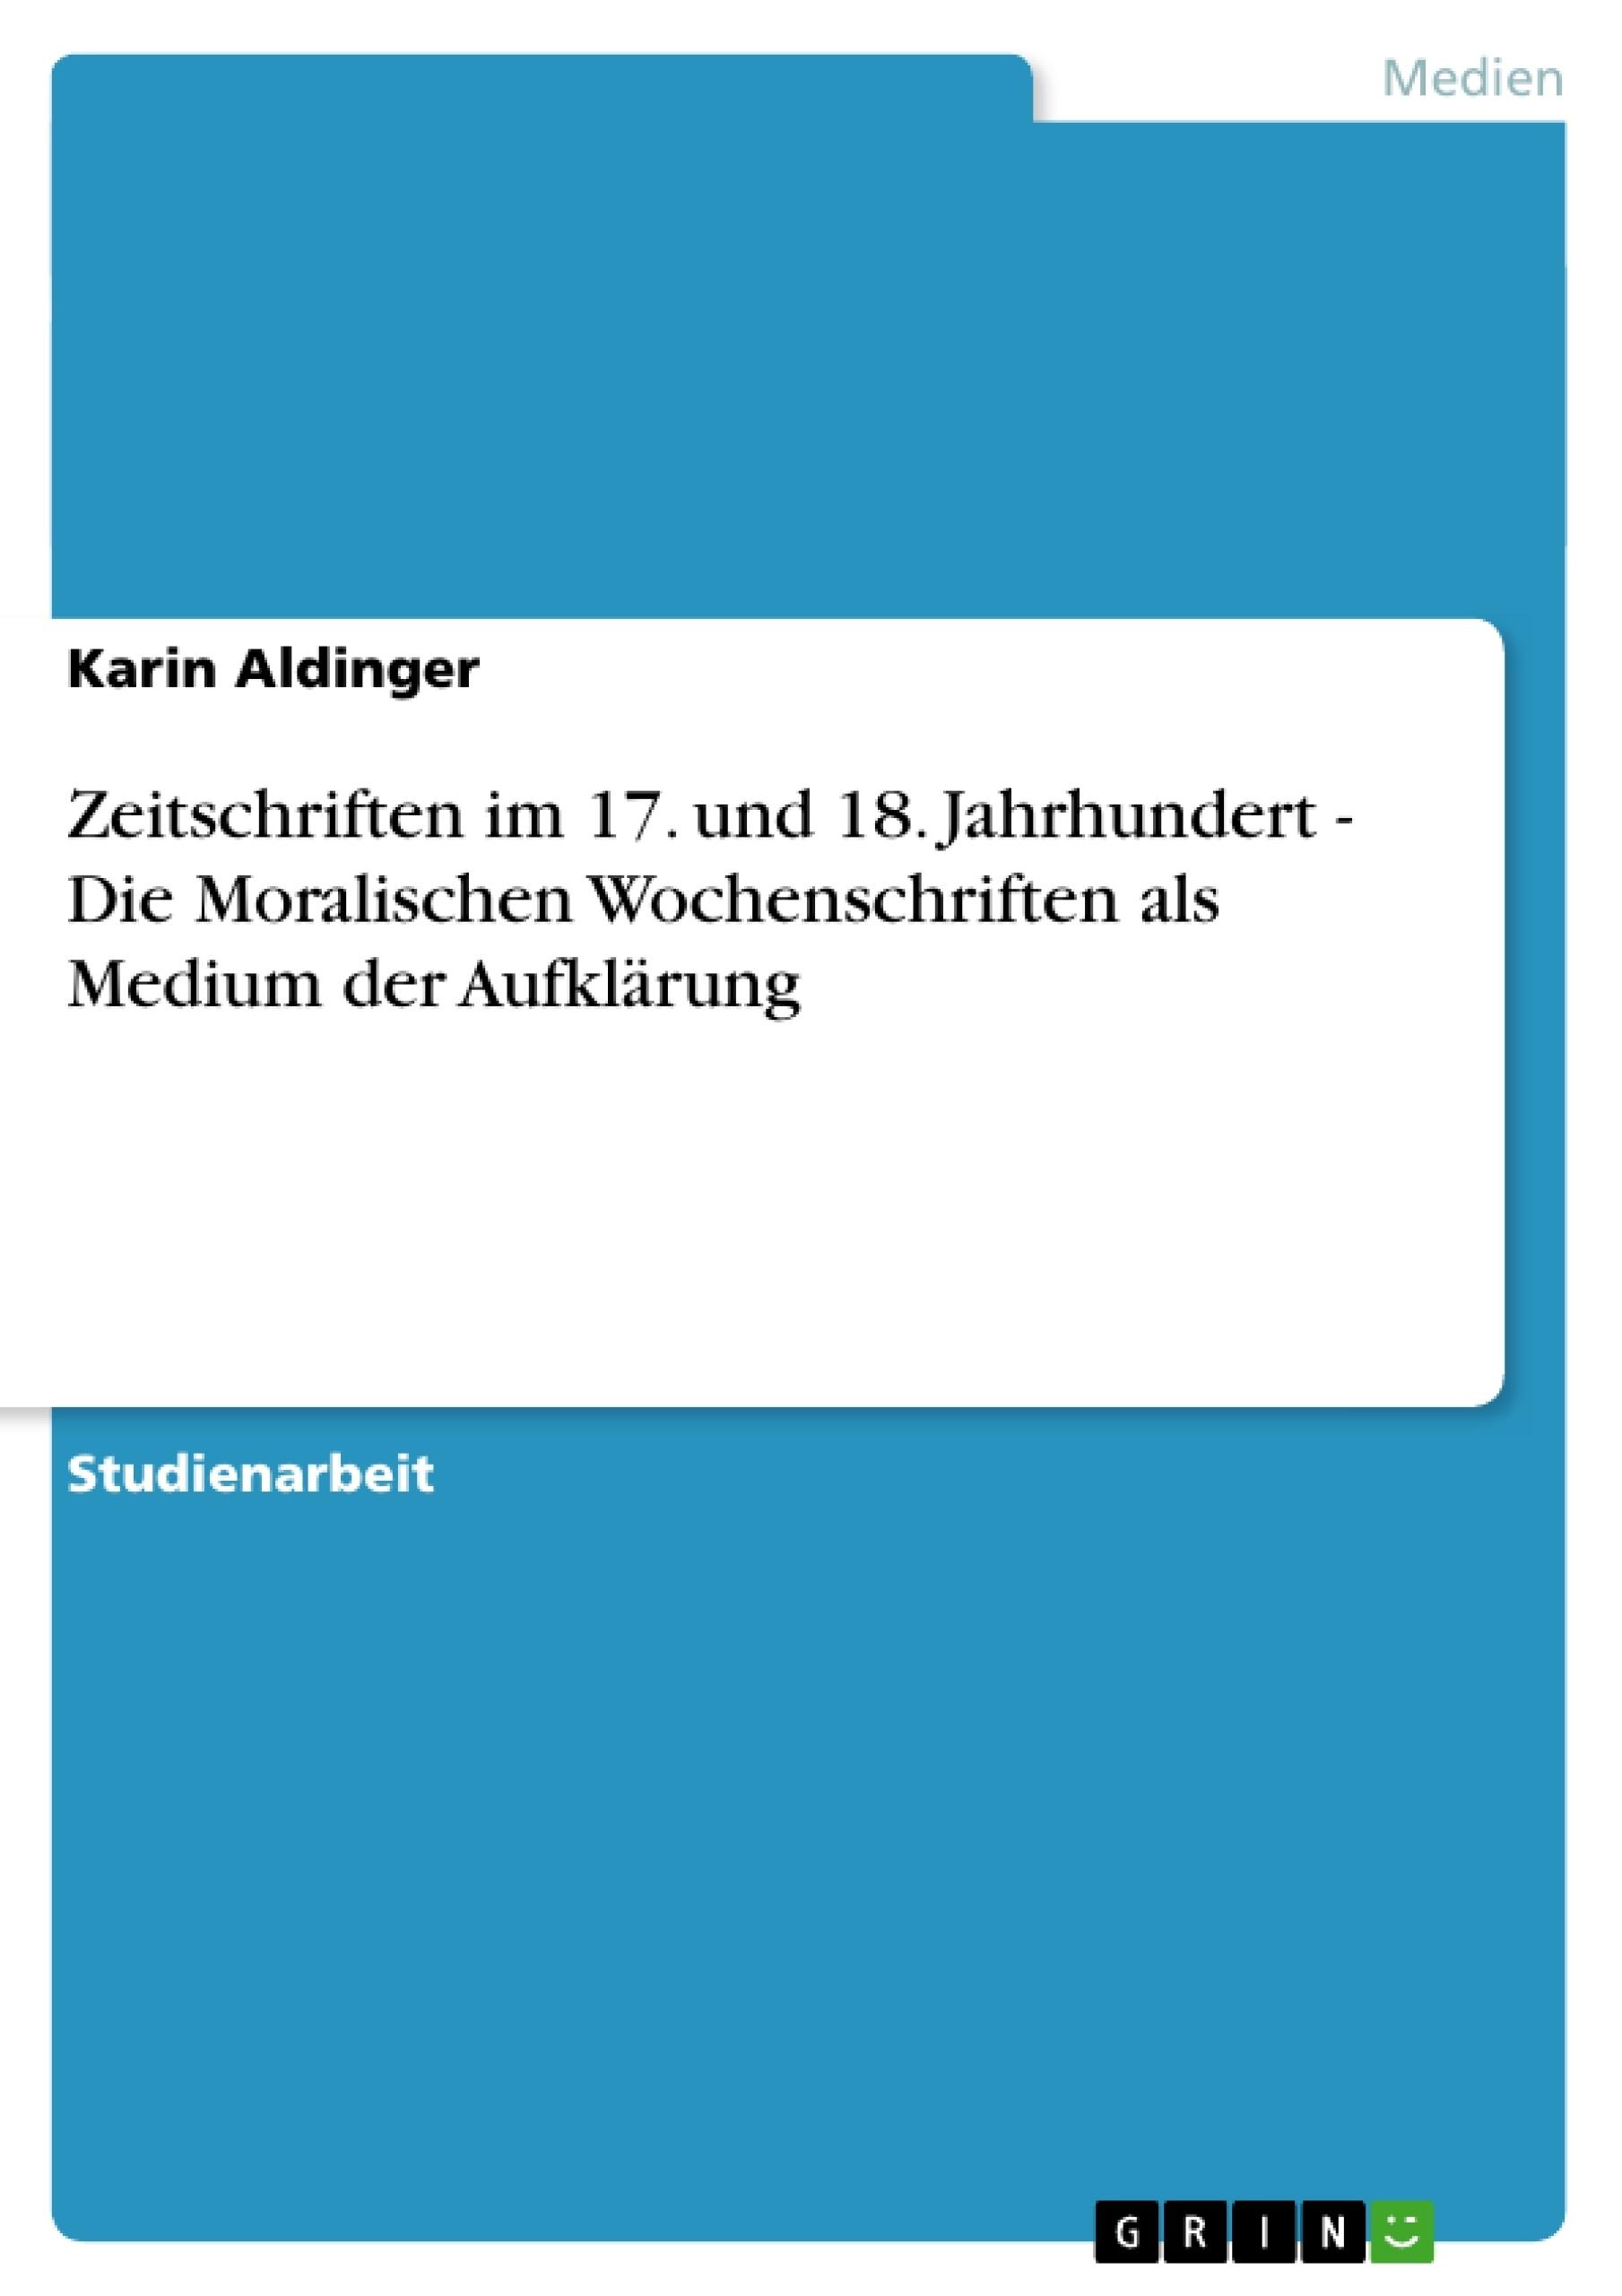 Titel: Zeitschriften im 17. und 18. Jahrhundert - Die Moralischen Wochenschriften als Medium der Aufklärung